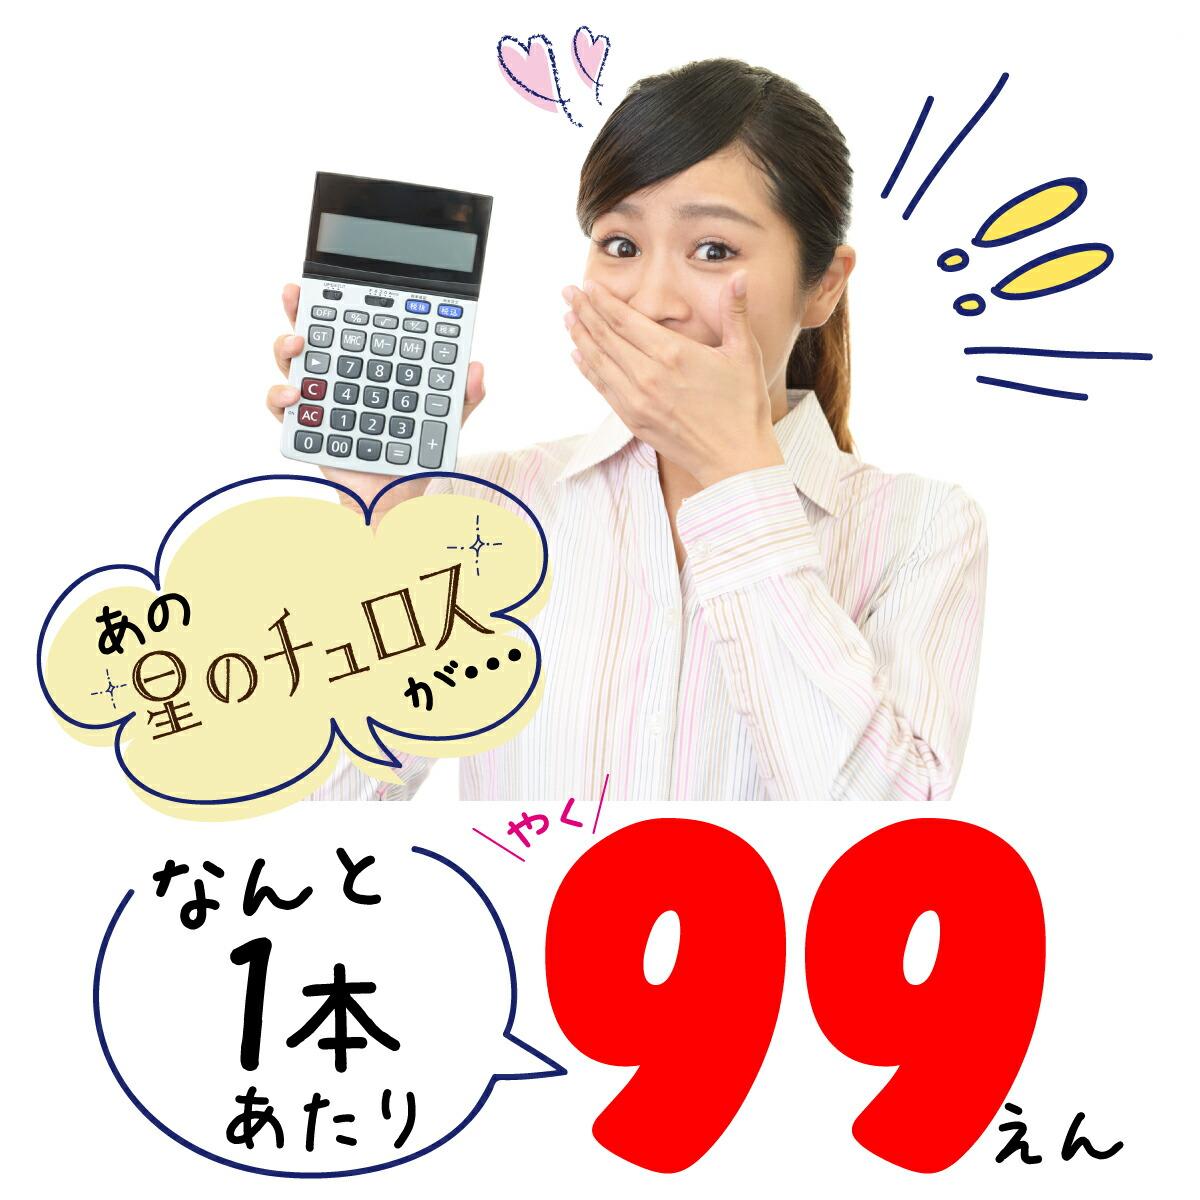 星のチュロスオリジナル1本あたり99円